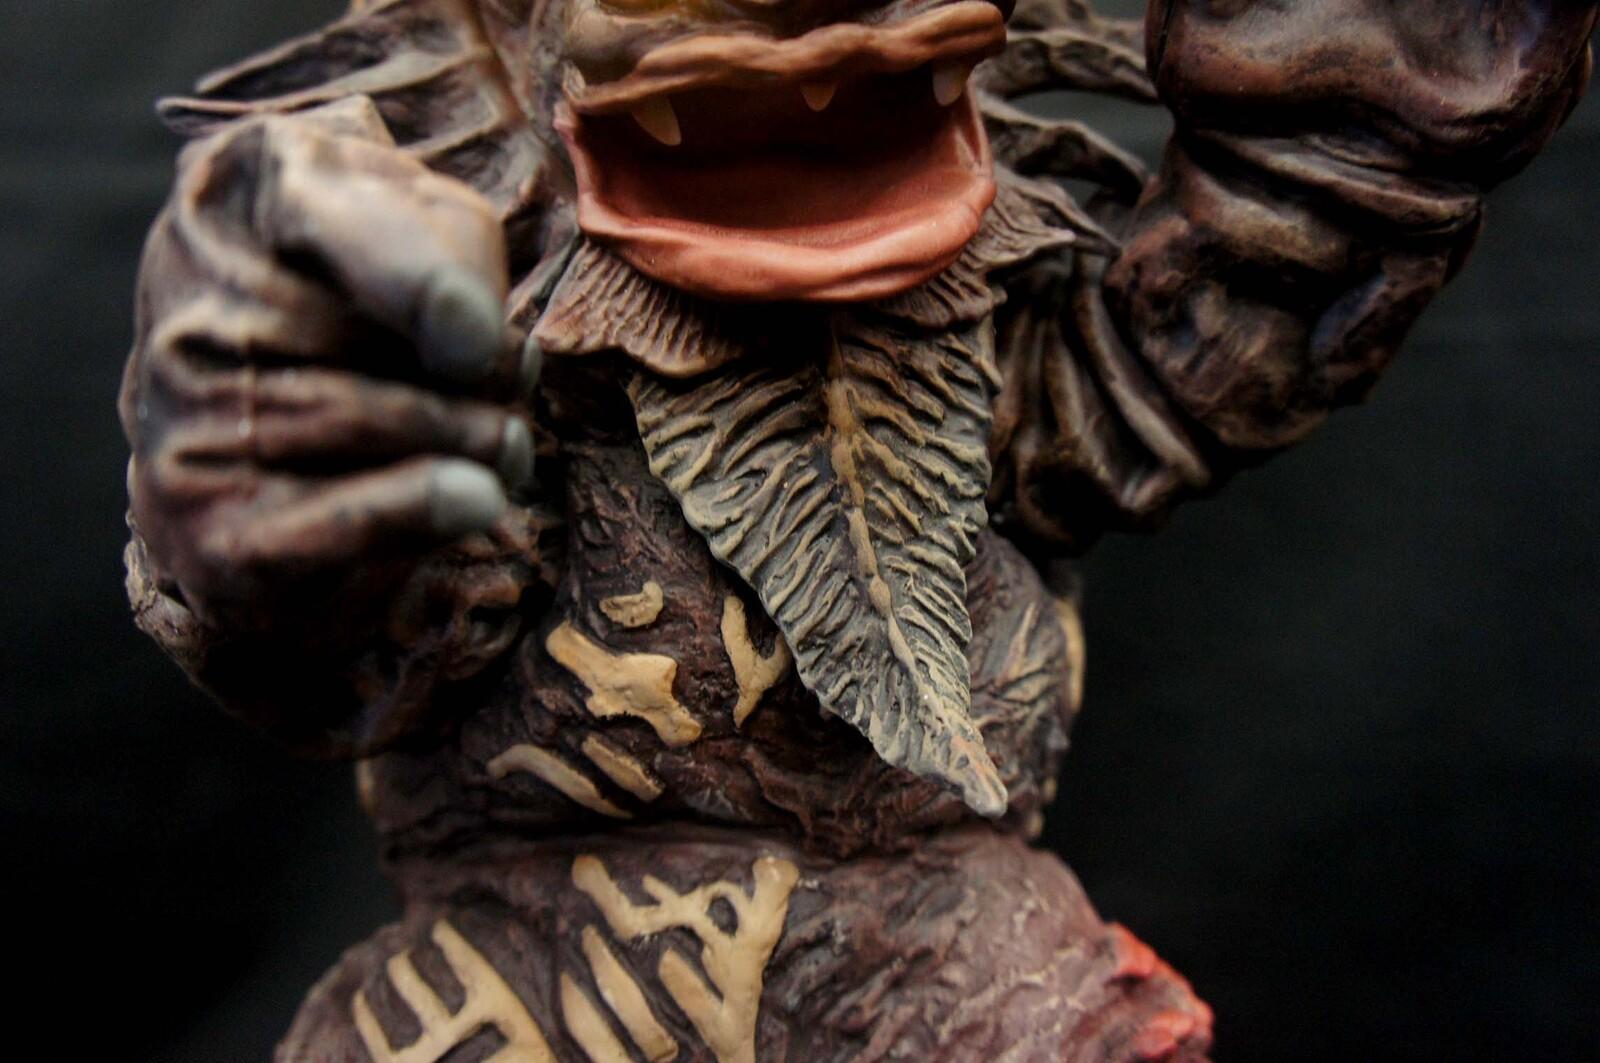 Miclas Capsule monster Art Statue ミクラス カプセル怪獣  https://www.solidart.club/